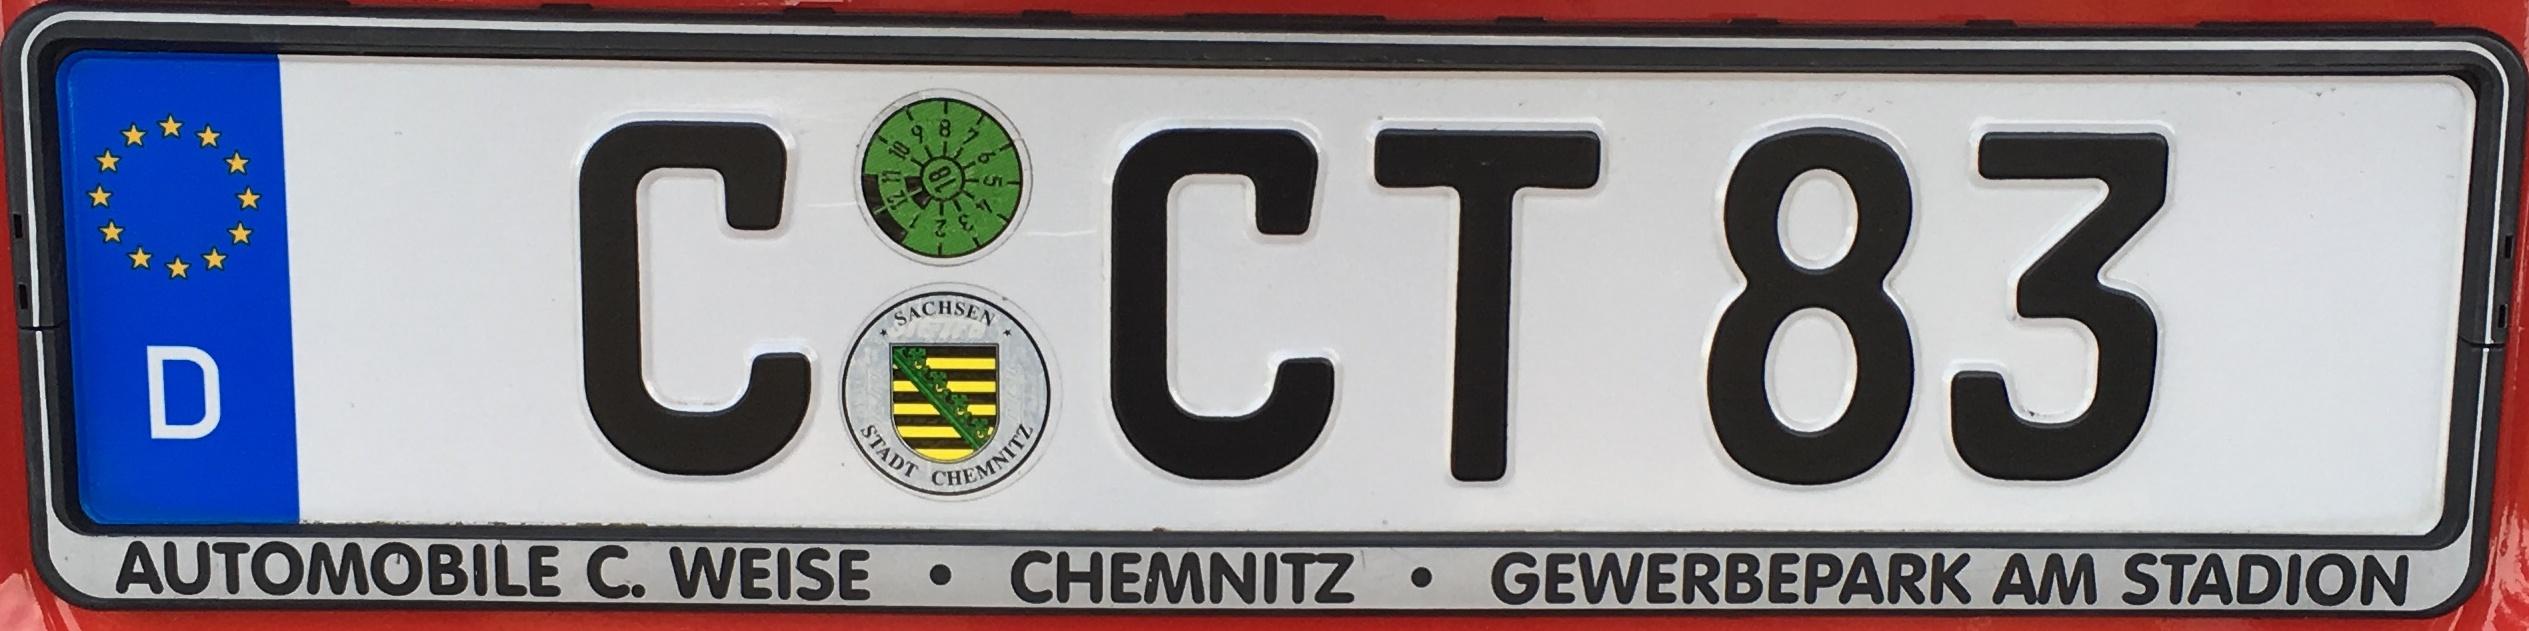 Registrační značky Německo - C - Chemnitz, foto: vlastní